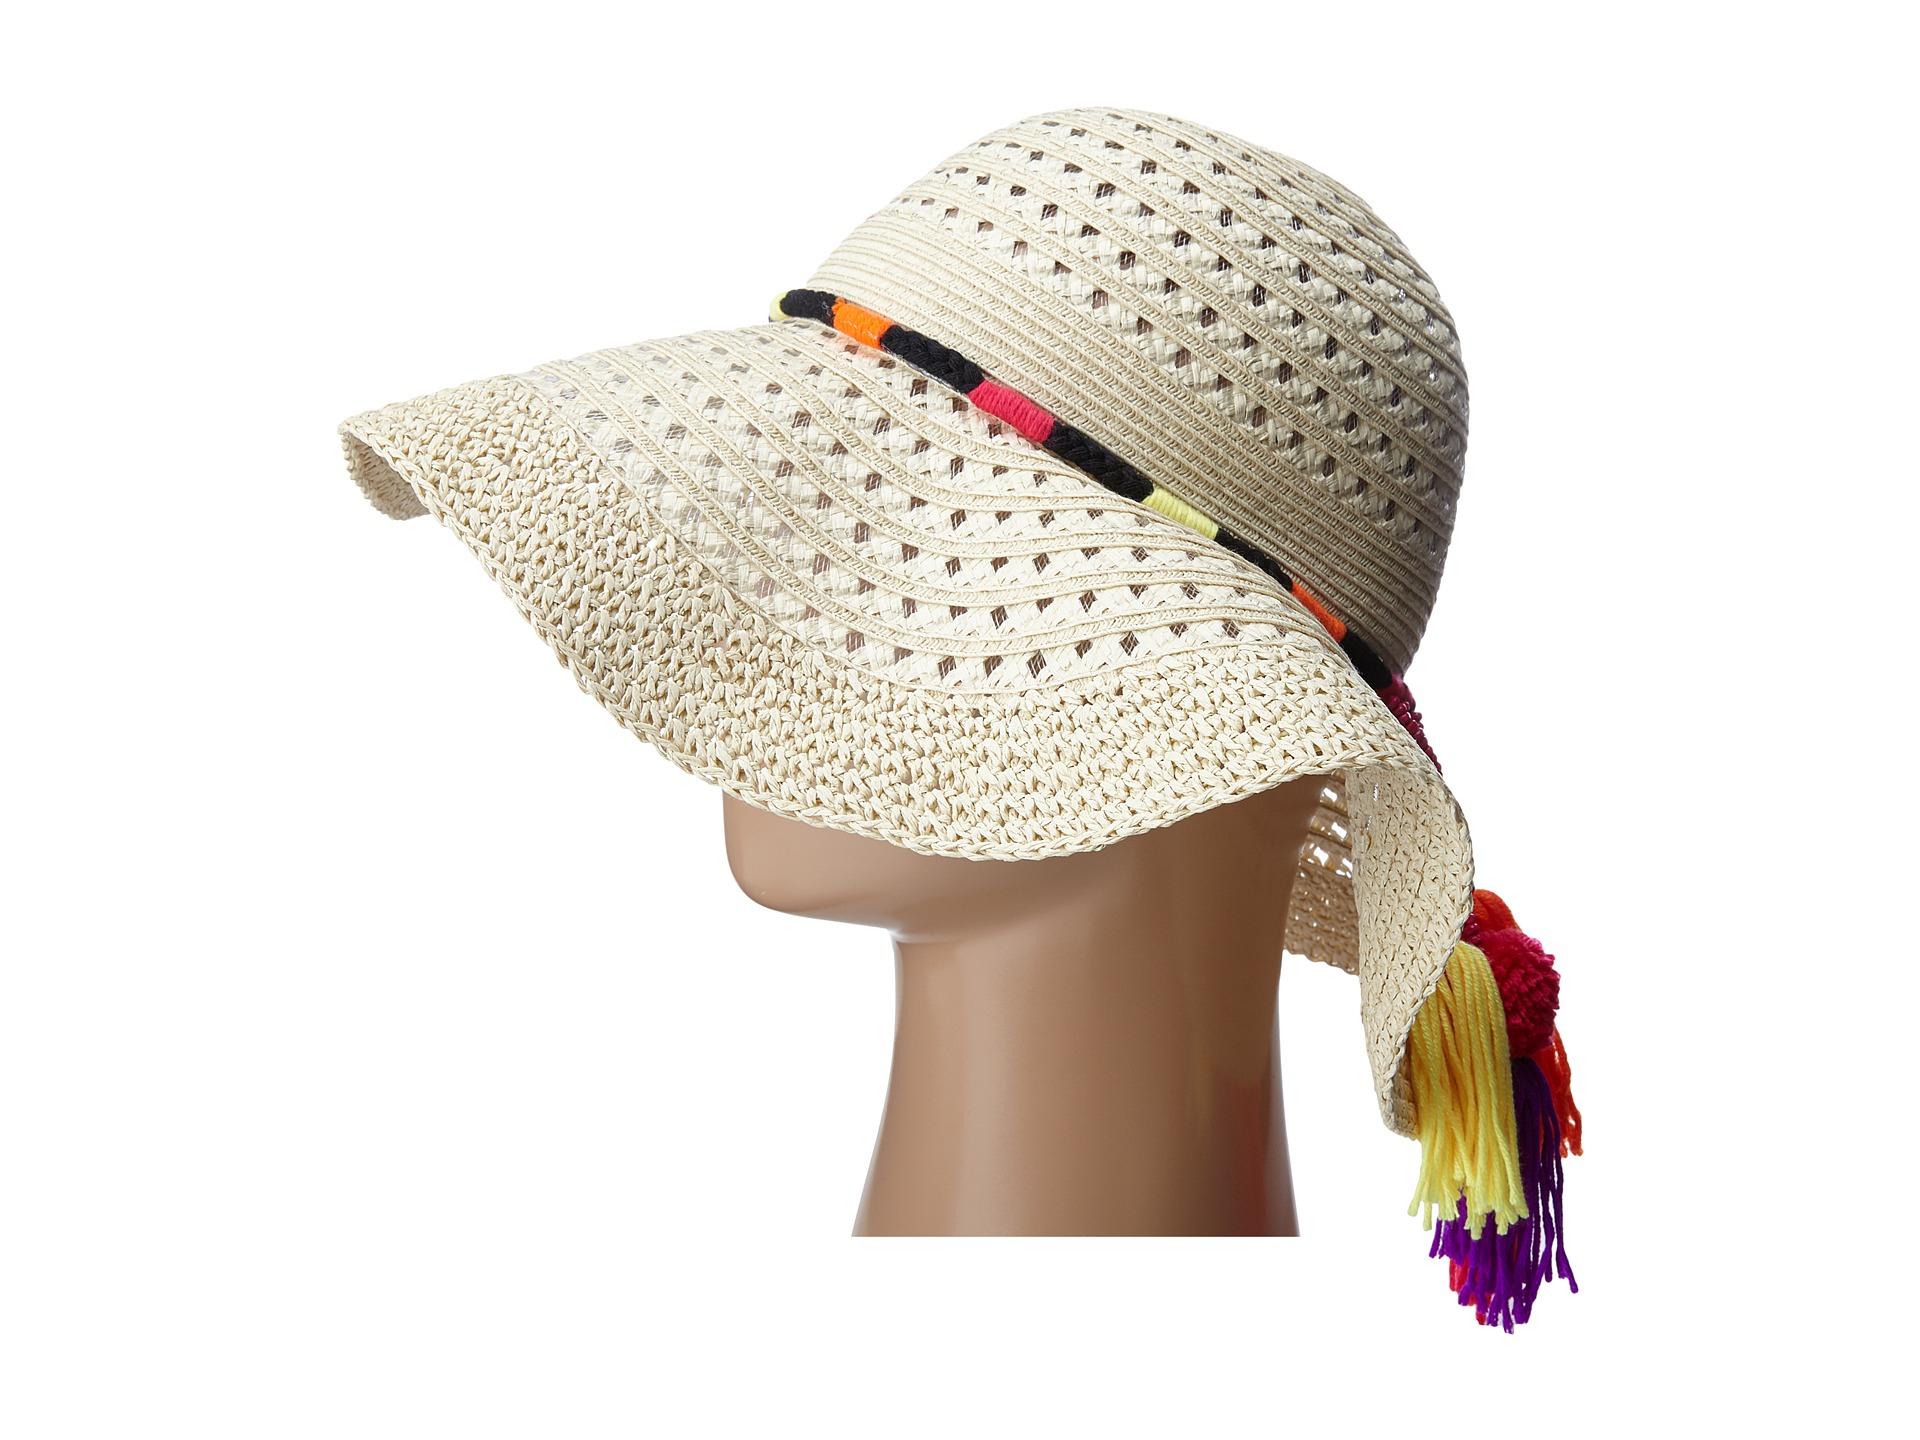 1f72161dc071c Betsey Johnson Floppy Straw Hat With Pom Pom Tassels - Lyst